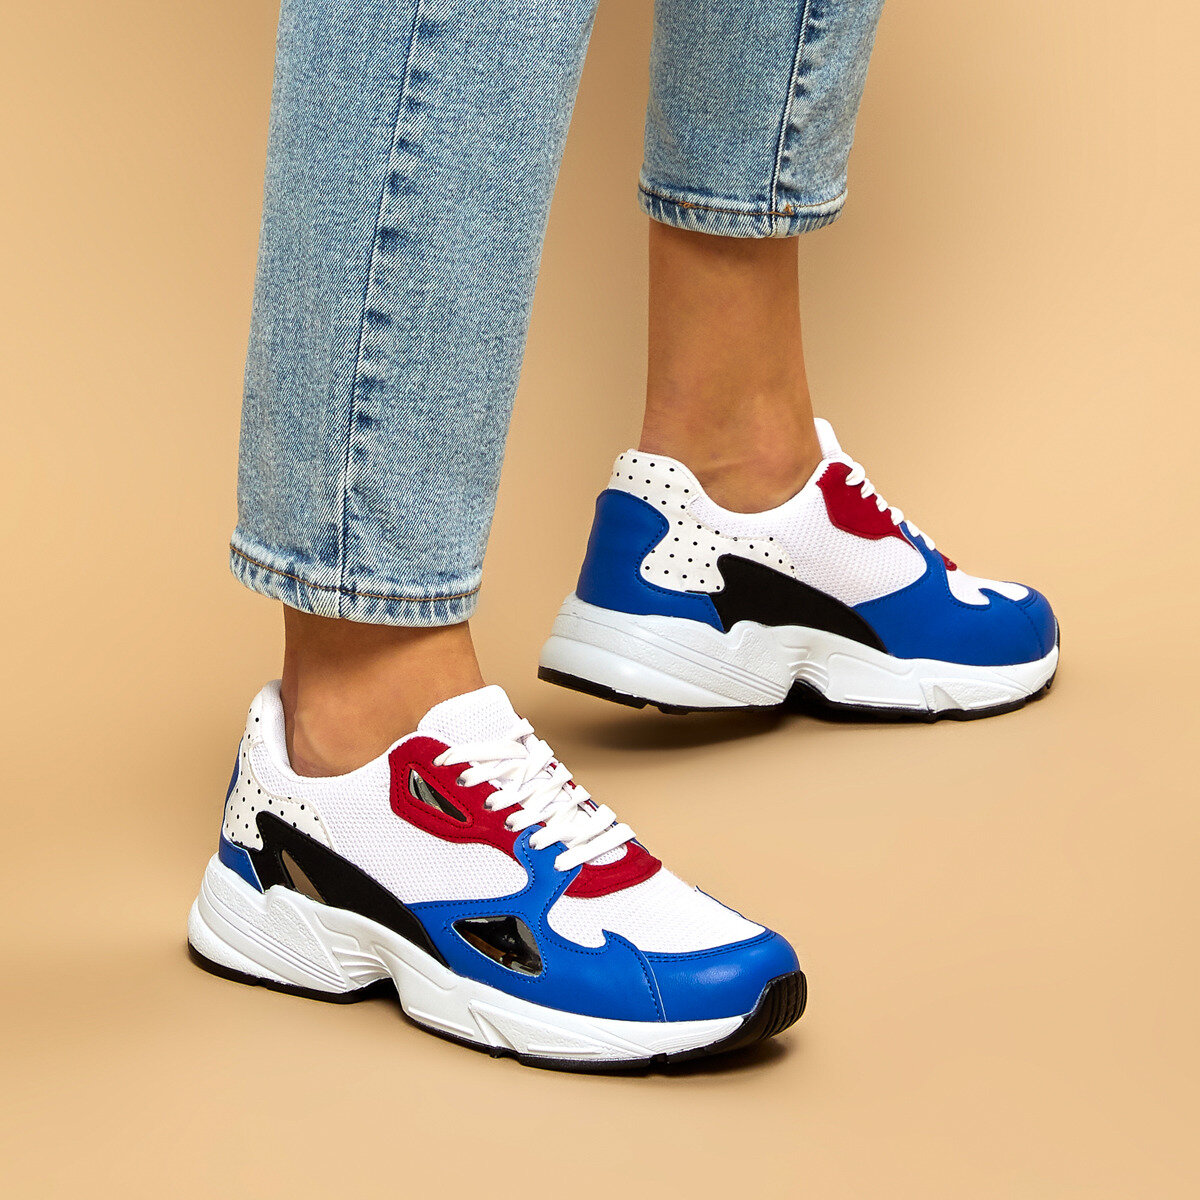 FLO 19K-961 BLUE MULTI Women 'S Sneaker BUTIGO